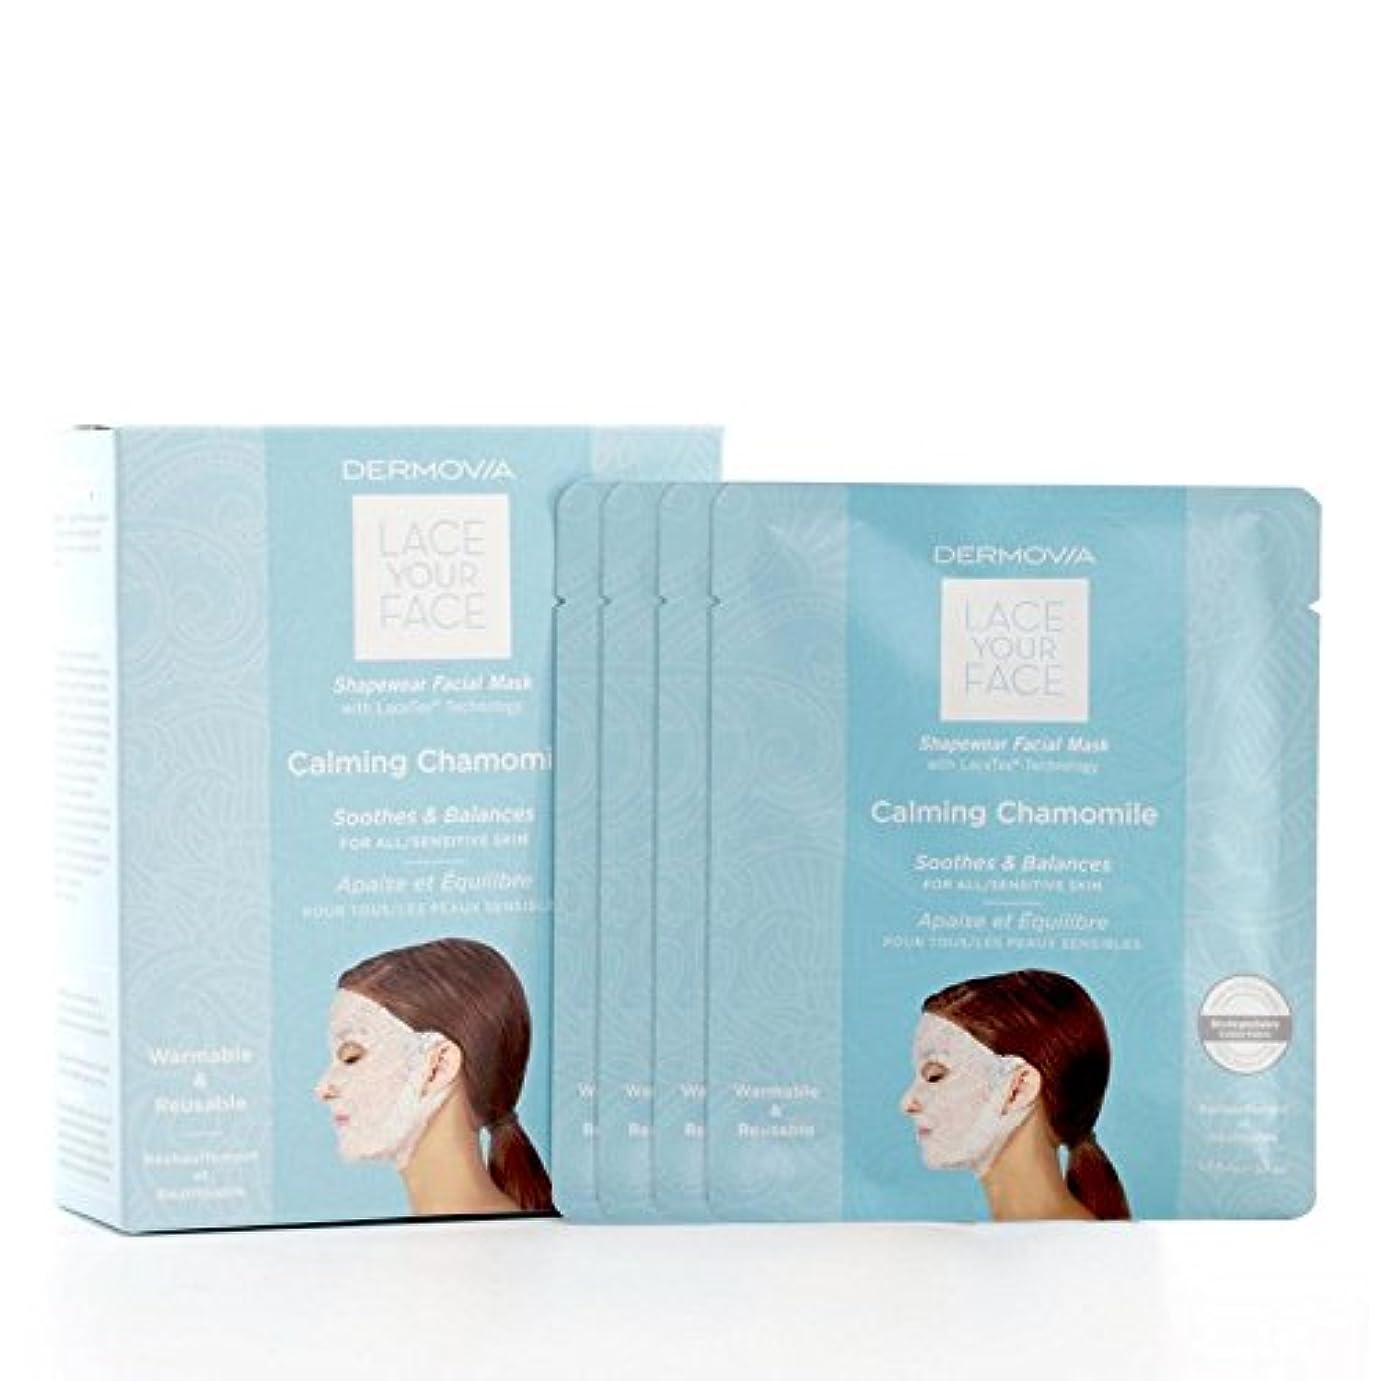 出口委員長締めるDermovia Lace Your Face Compression Facial Mask Calming Chamomile - は、あなたの顔の圧縮フェイシャルマスク心を落ち着かせるカモミールをひもで締めます [...